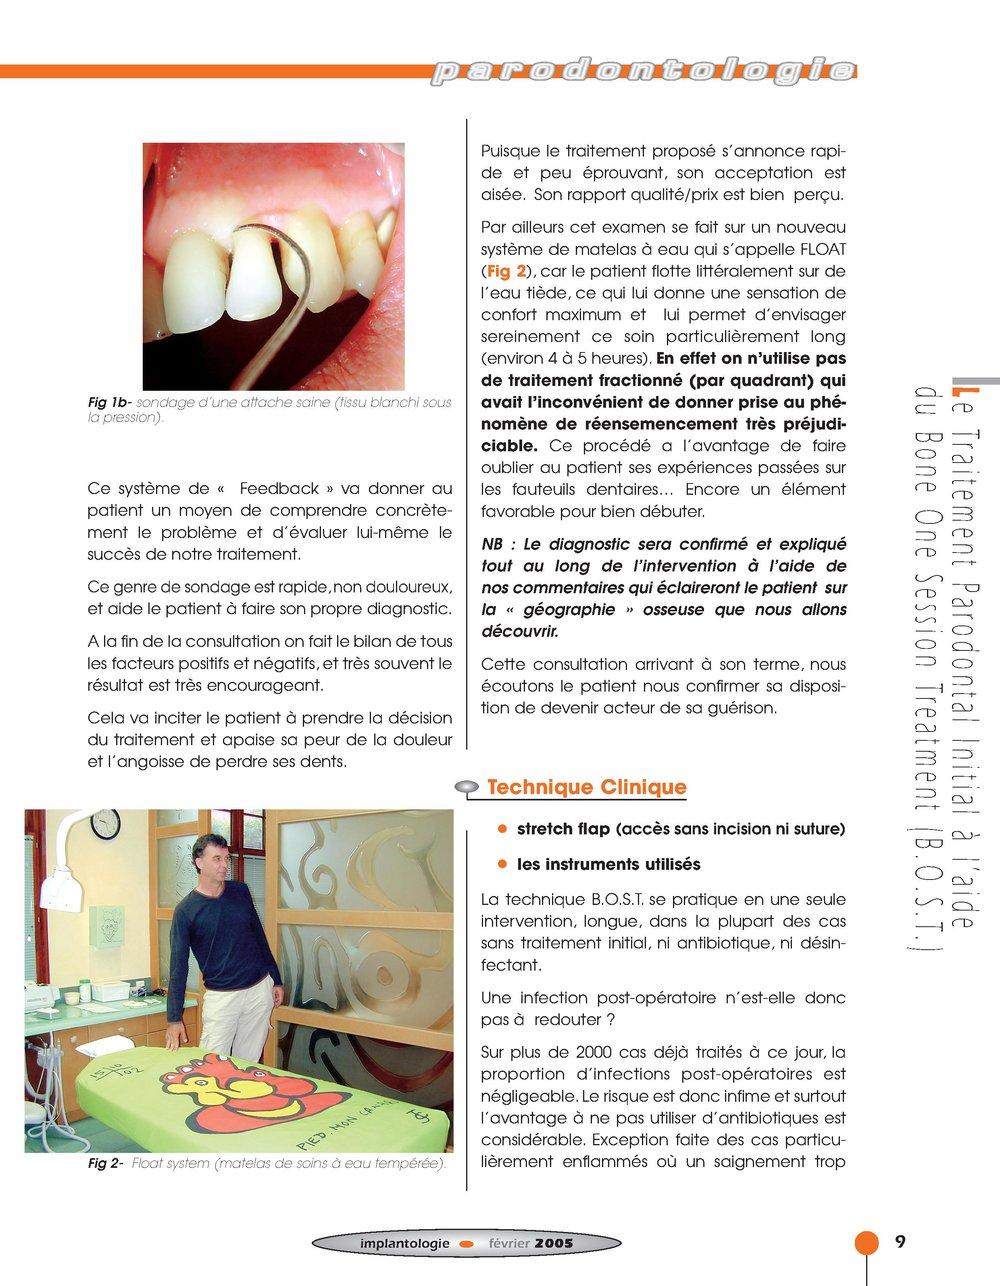 Implantologie BOST Article 14 BLZ-3.jpg